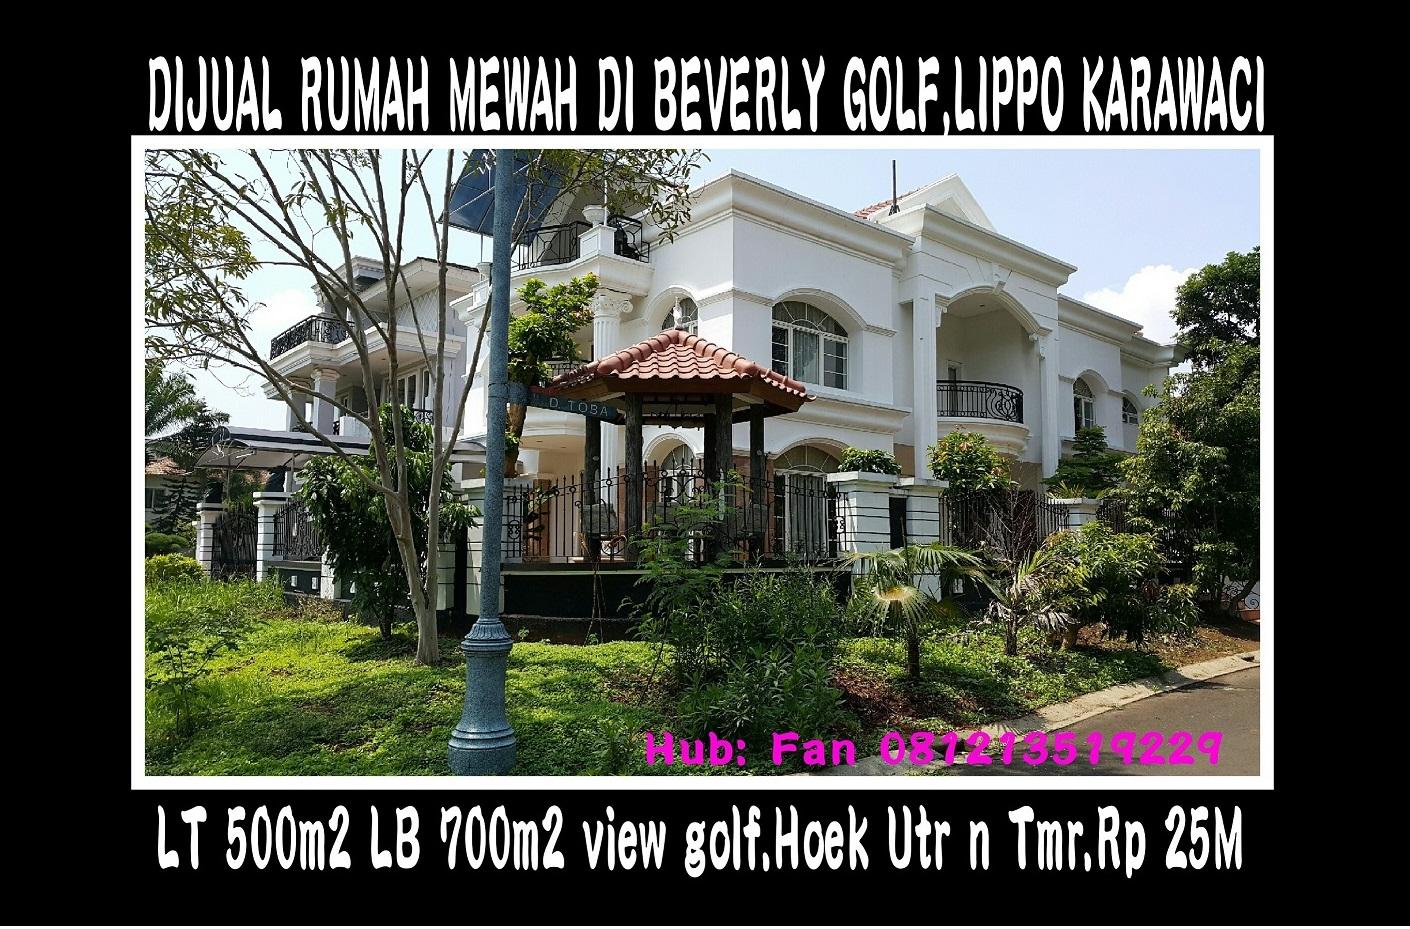 Rumah Beverly Golf Lippo Karawaci